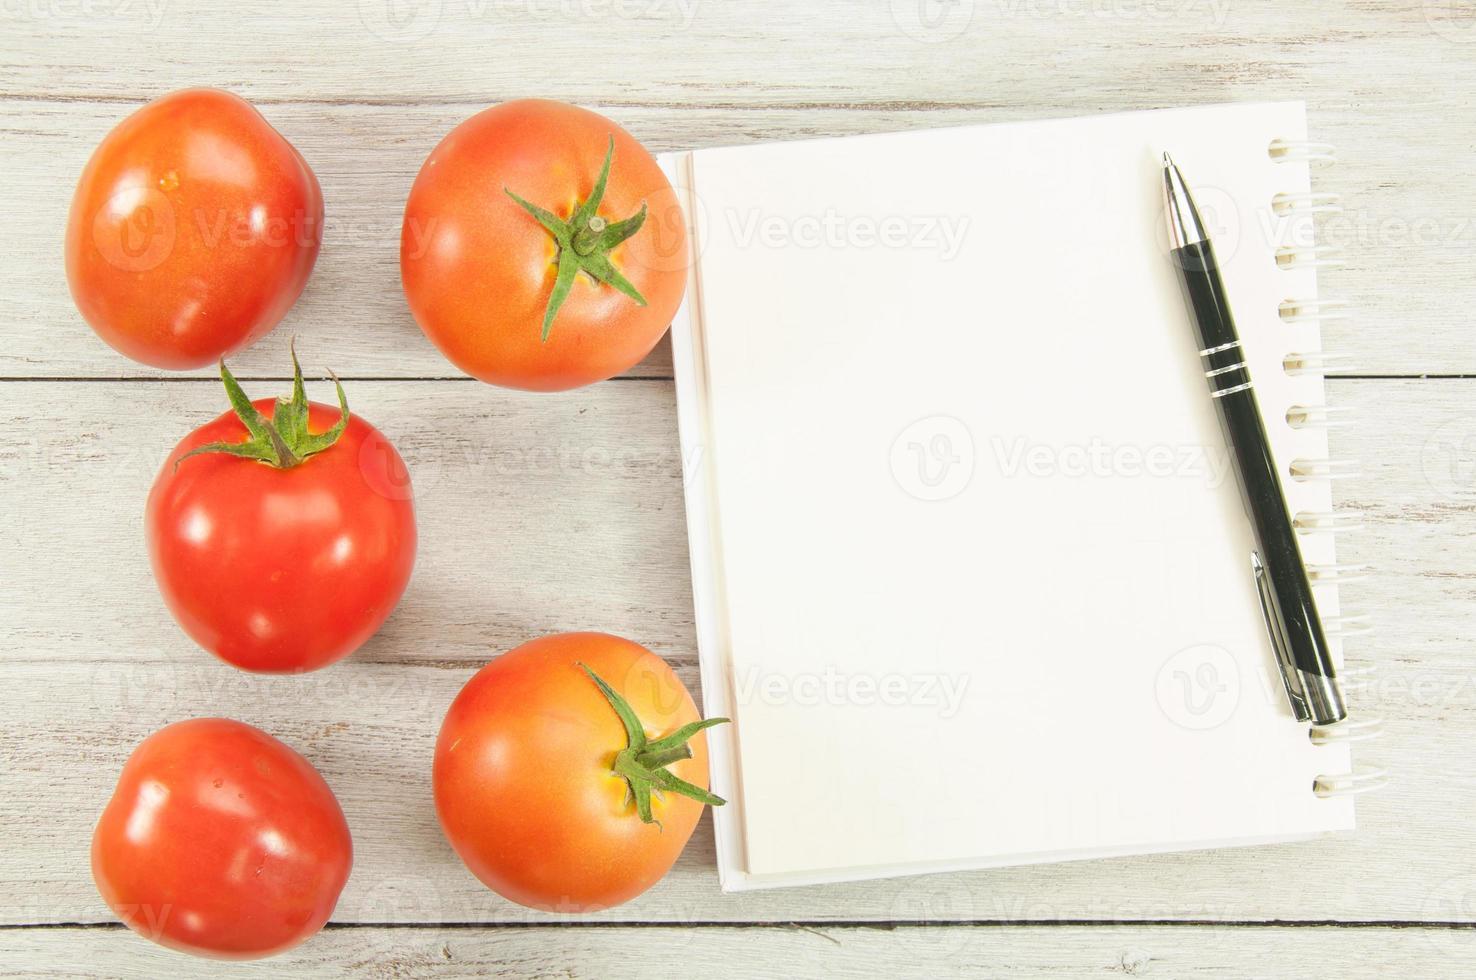 receptenboek met ingrediënten. foto